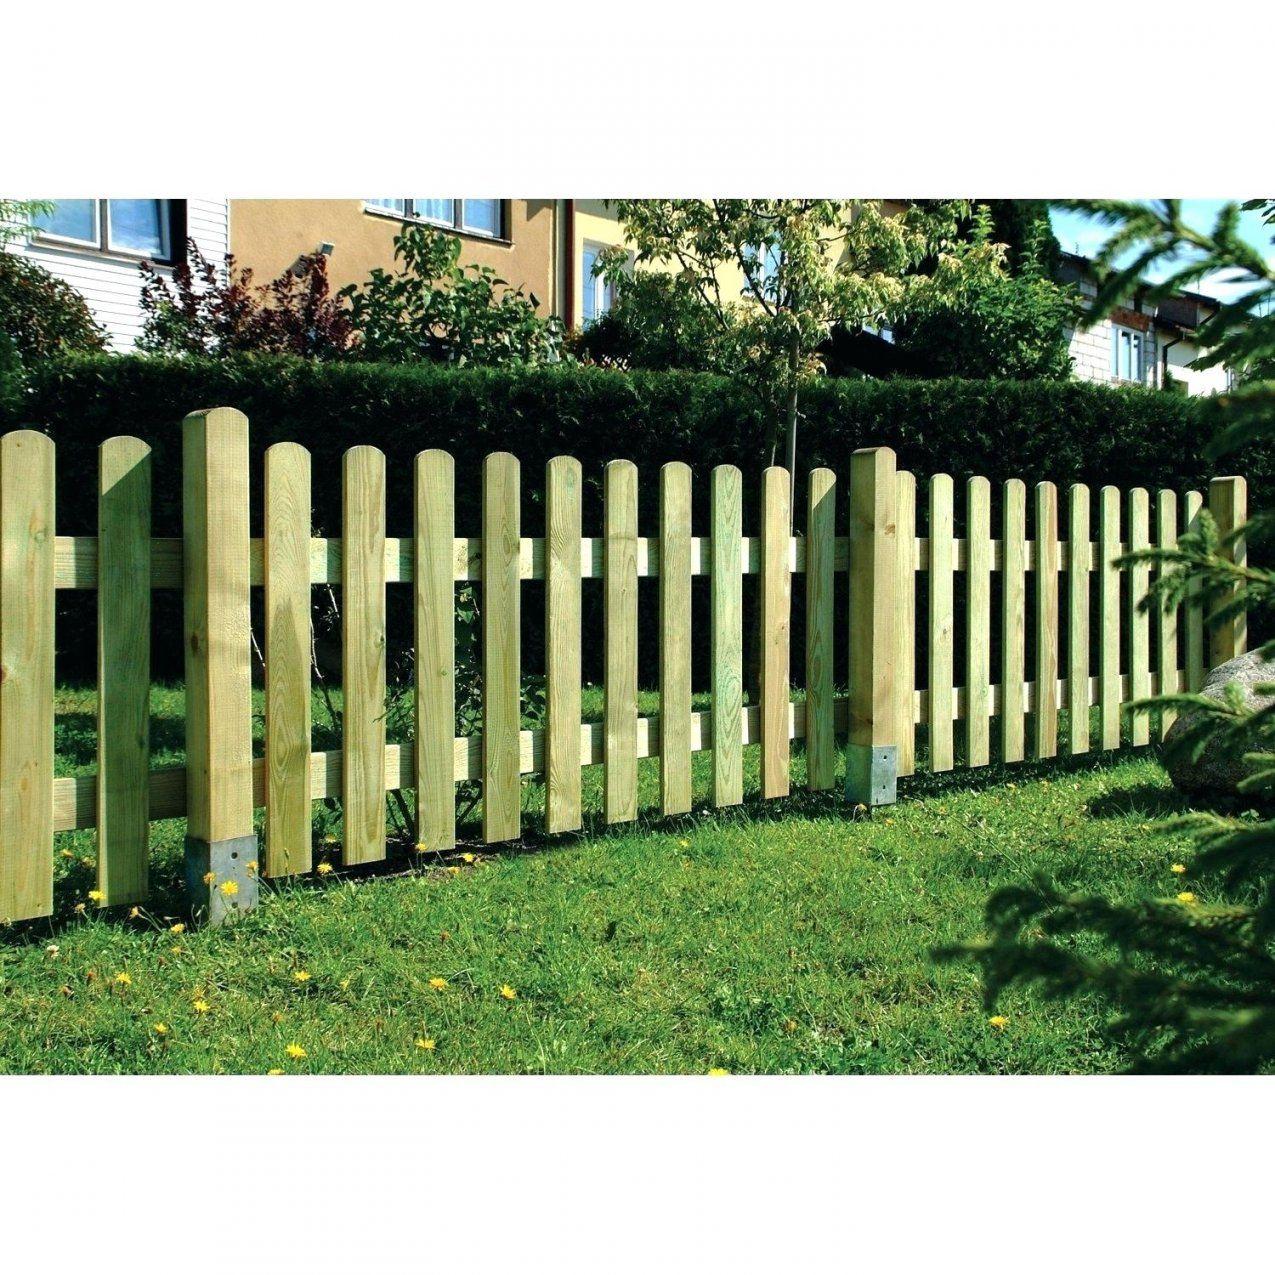 Aus Holz Zaun Kunststoff Zaun Aus Polen Top Von Aus With Kunststoff